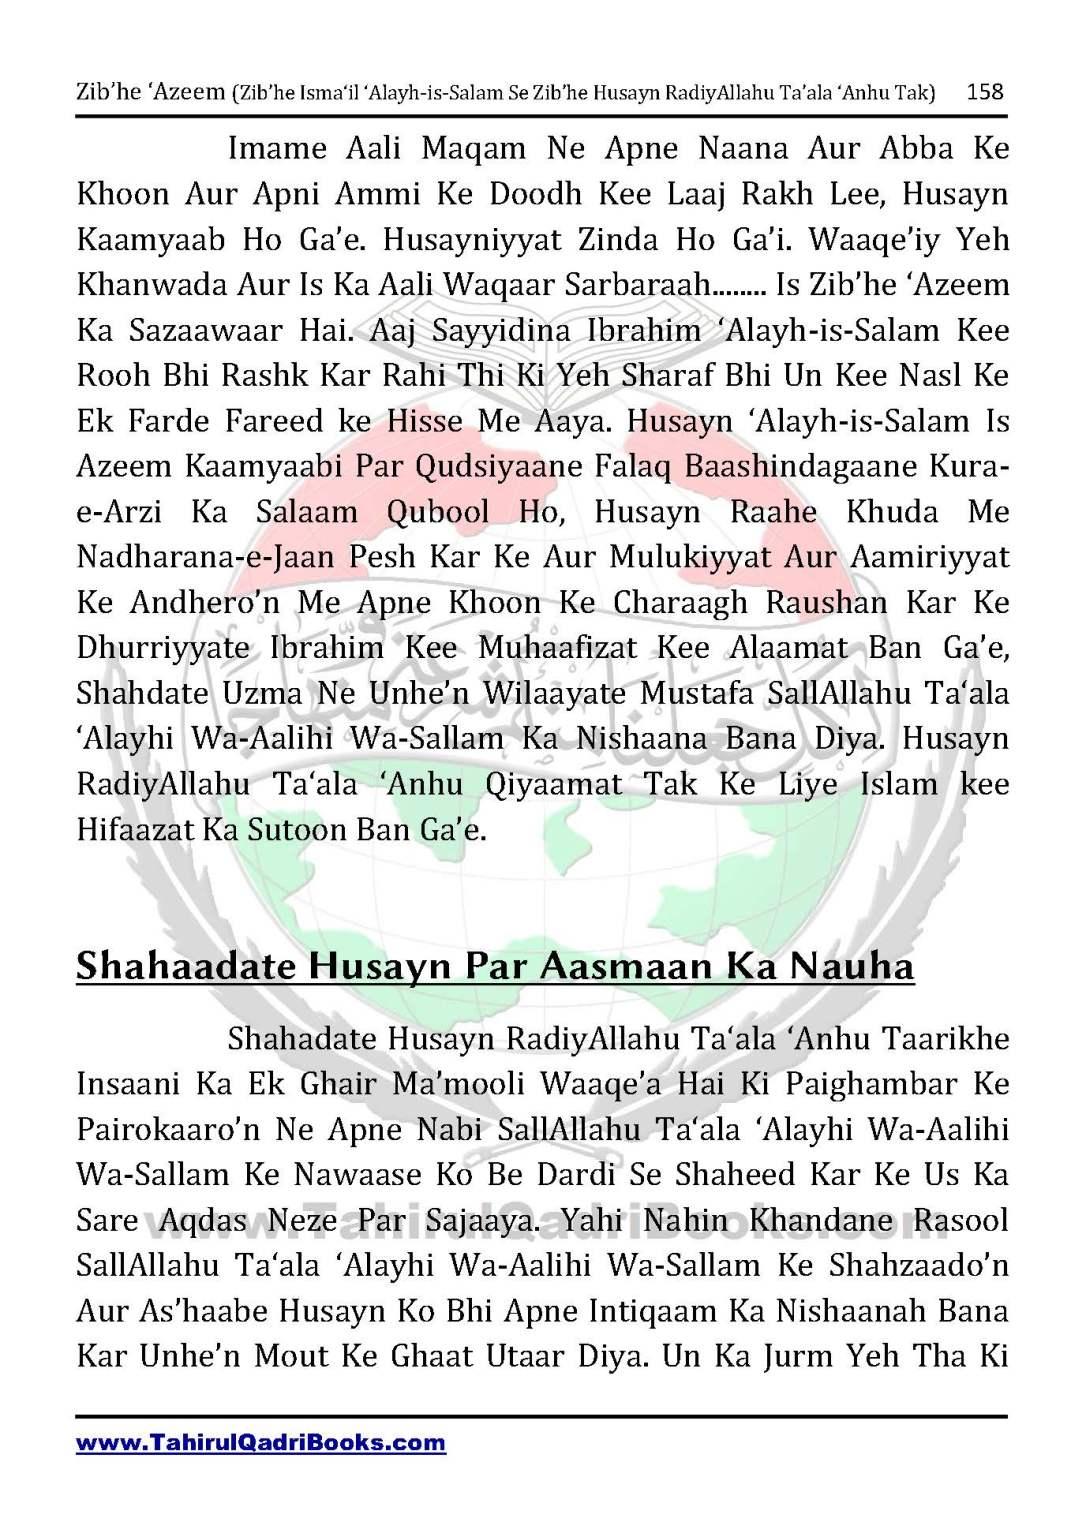 zib_he-e28098azeem-zib_he-ismacabbil-se-zib_he-husayn-tak-in-roman-urdu-unlocked_Page_158